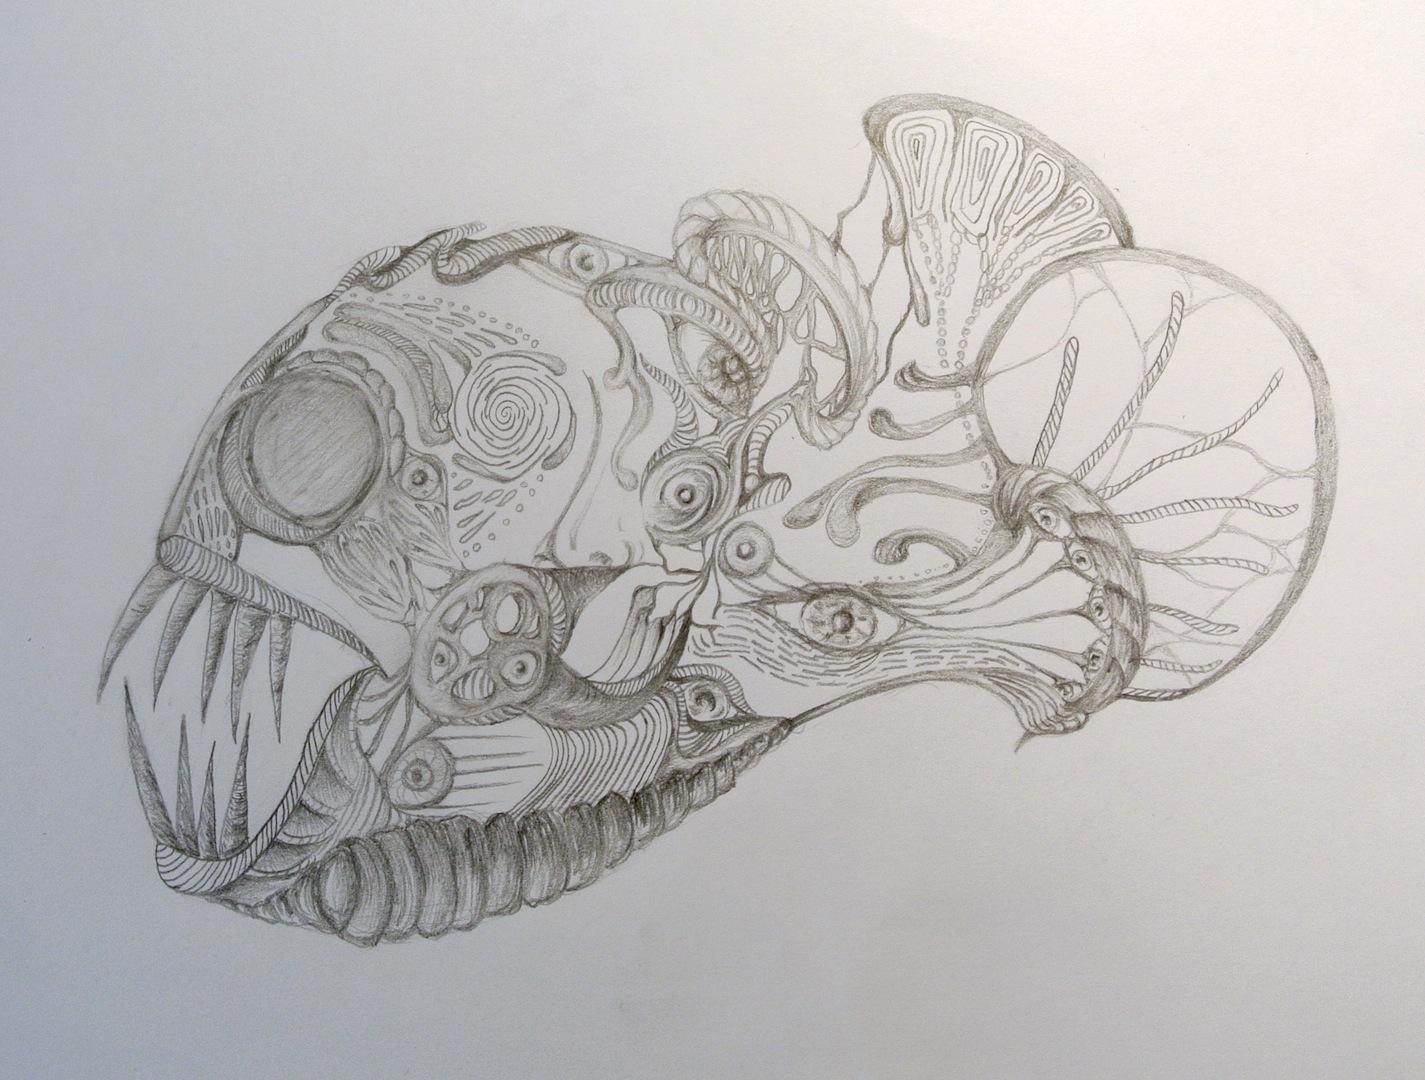 ocean fish drawings